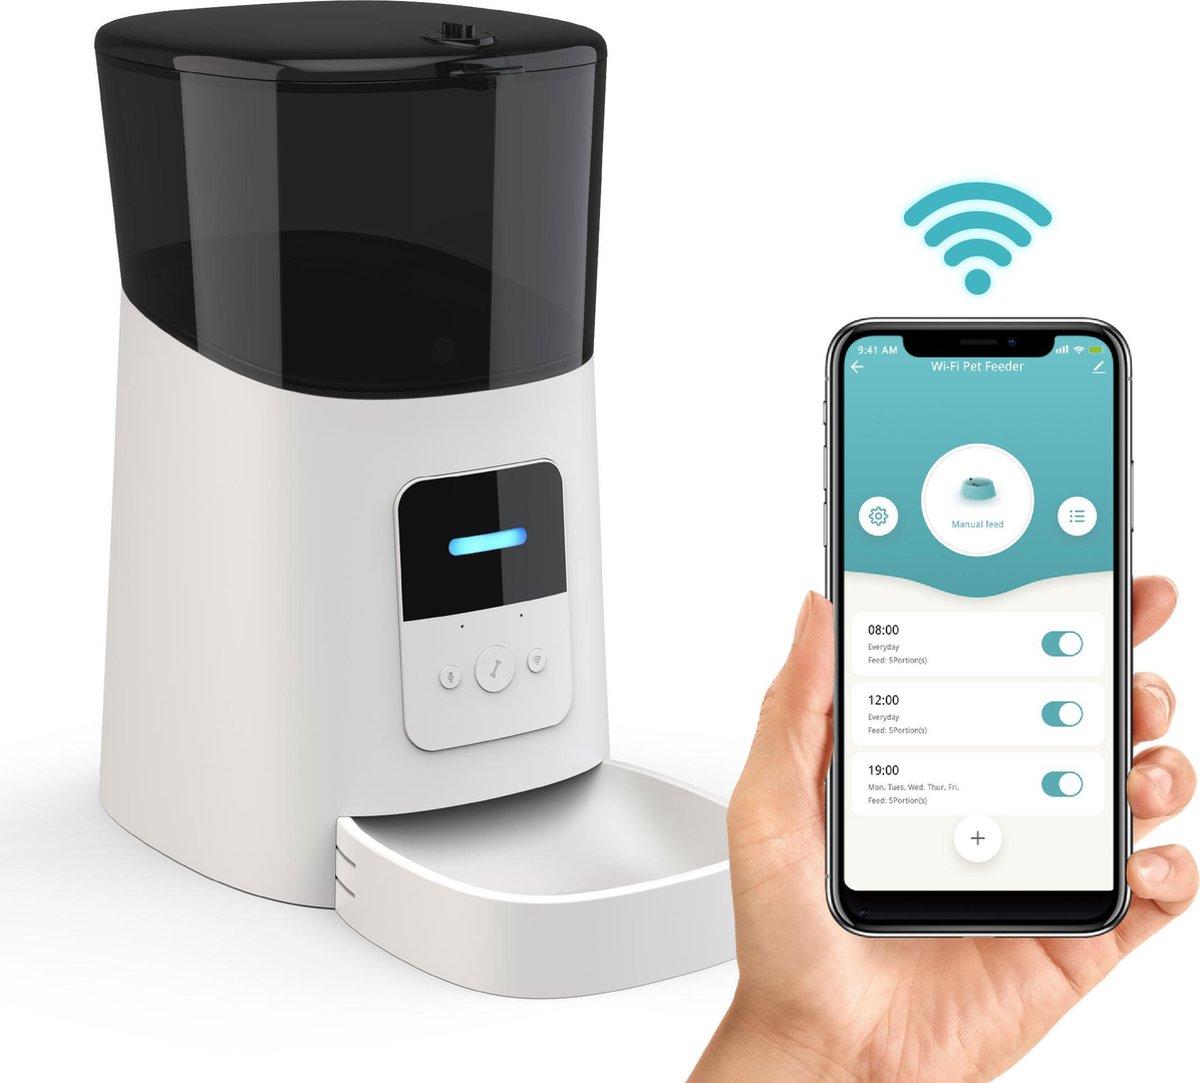 DKProducts Automatische Voerbak Wit - Voerautomaat Met App - Smartphone Besturing - Voerinhoud 6 Lit